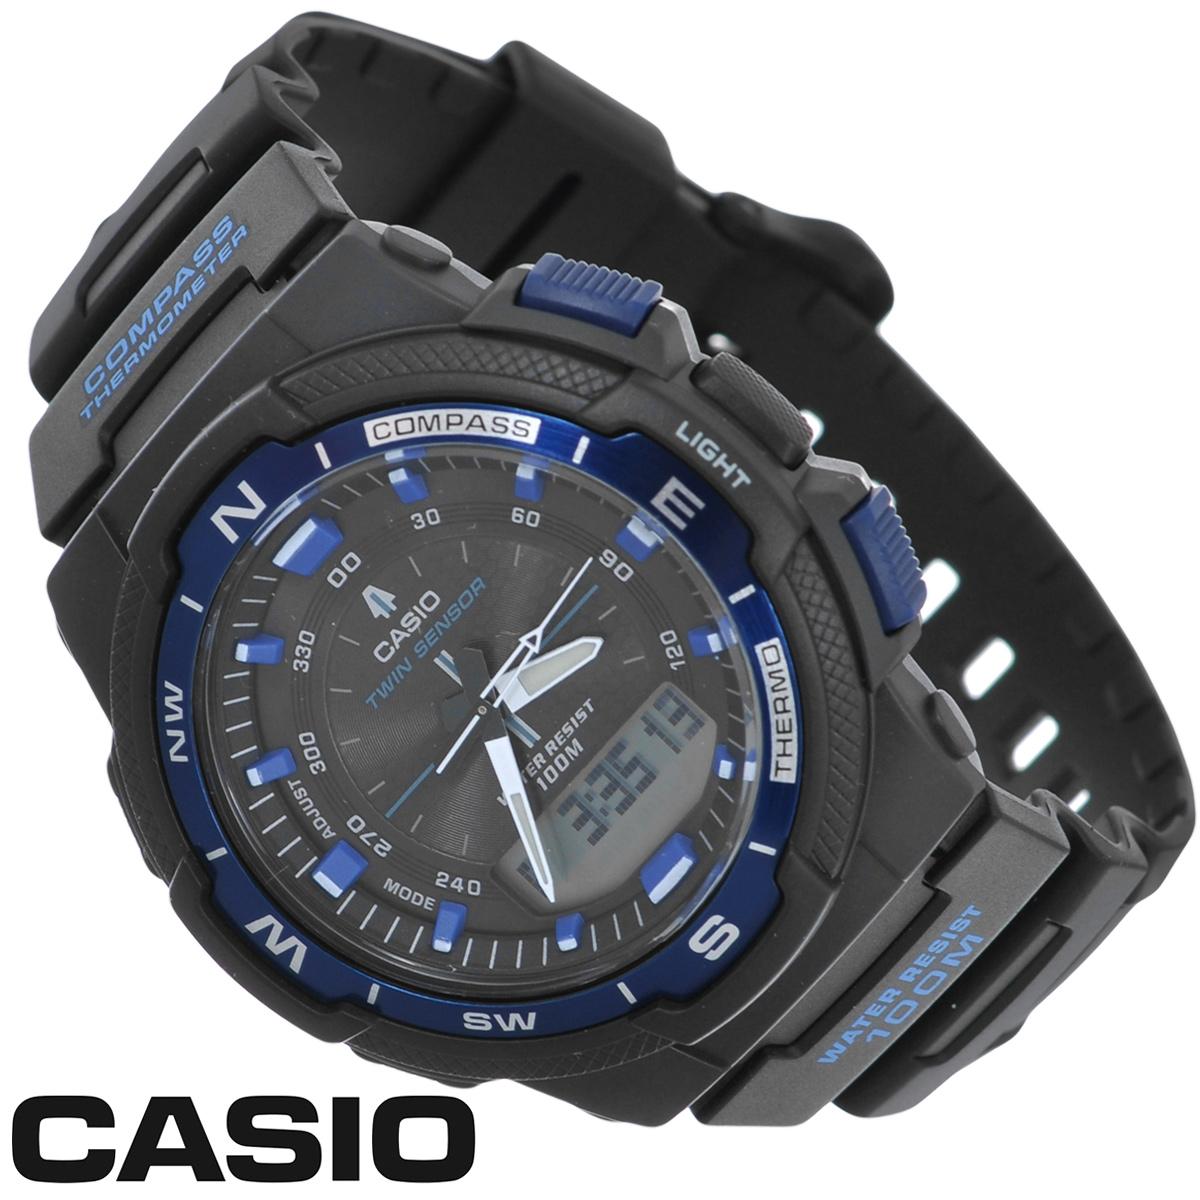 Часы мужские наручные Casio, цвет: черный, синий. SGW-500H-2BPGW60-XYX109 BlackСтильные многофункциональные часы от японского брэнда Casio - это яркий функциональный аксессуар для современных людей, которые стремятся выделиться из толпы и подчеркнуть свою индивидуальность. Часы выполнены в спортивном стиле.Электронные часы оснащены японским кварцевым механизмом. Корпус часов изготовлен из пластика и имеет алюминиевый безель. Циферблат оснащен тремя стрелками и подсвечивается светодиодом. Ремешок из пластика имеет классическую застежку.Основные функции: -5 будильников, ежечасный сигнал; -встроенный датчик температур от -10° до +60°С с точностью 0,1°C; -автоматический календарь (число, месяц, день недели, год); -встроенный цифровой компас; -секундомер с точностью показаний 1/100 с, время измерения 24 ч; -12-ти и 24-х часовой формат времени; -таймер обратного отсчета от 1 мин до 100 мин; -функция включения/отключения звука; -мировое время; -отображение возраста и фазы Луны, времени восхода и захода солнца. Часы упакованы в фирменную коробку с логотипом Casio. Такой аксессуар добавит вашему образу стиля и подчеркнет безупречный вкус своего владельца.Характеристики: Диаметр циферблата: 3,3 см.Размер корпуса: 5 см х 4,7 см х 1,5 см.Длина ремешка (с корпусом): 25,5 см.Ширина ремешка: 2 см. STAINLESS STELL BACK JAPAN MOVT EA CASED IN CHINA.